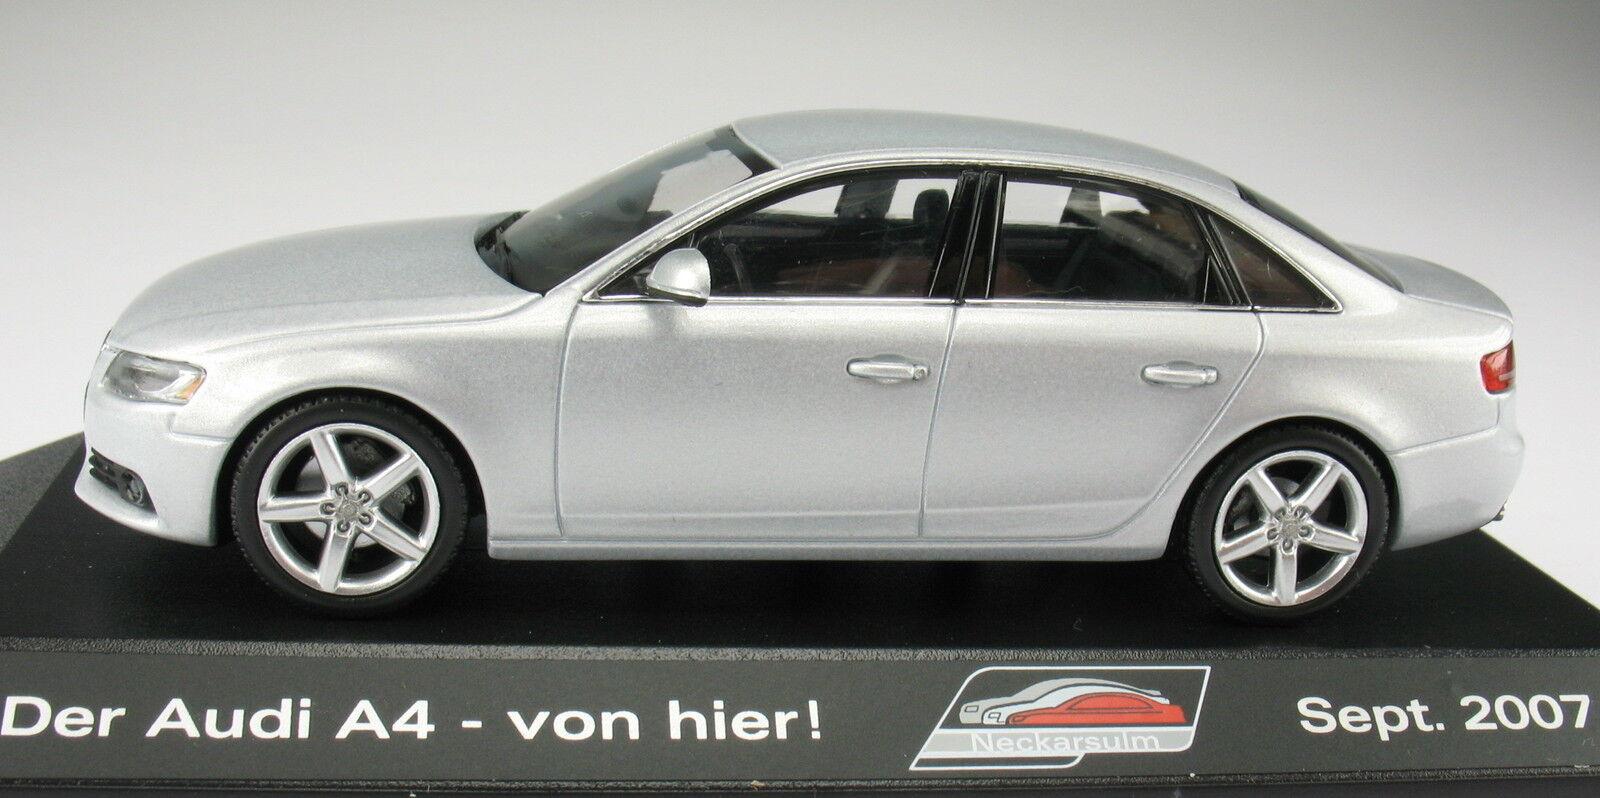 Minichamps-audi a4-plata metálica colección Neckarsulm 2007 - 1 43